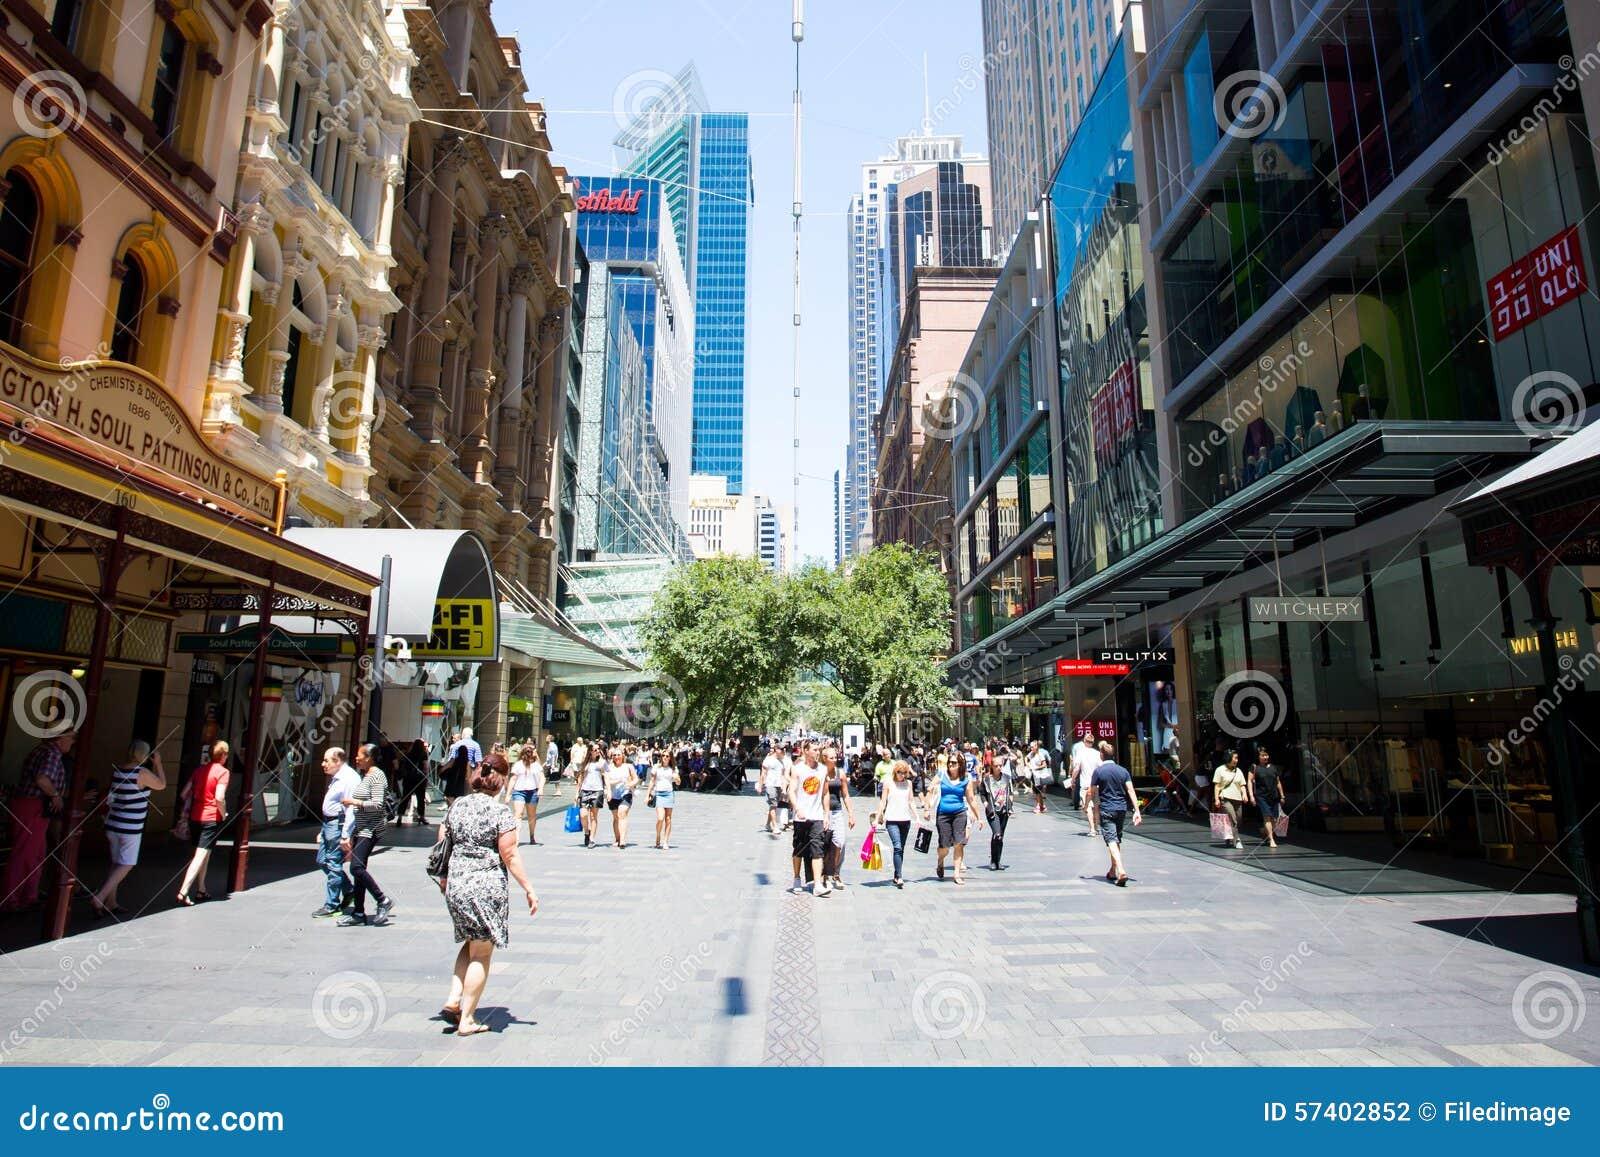 Sydney Tattersalls Pitt Street